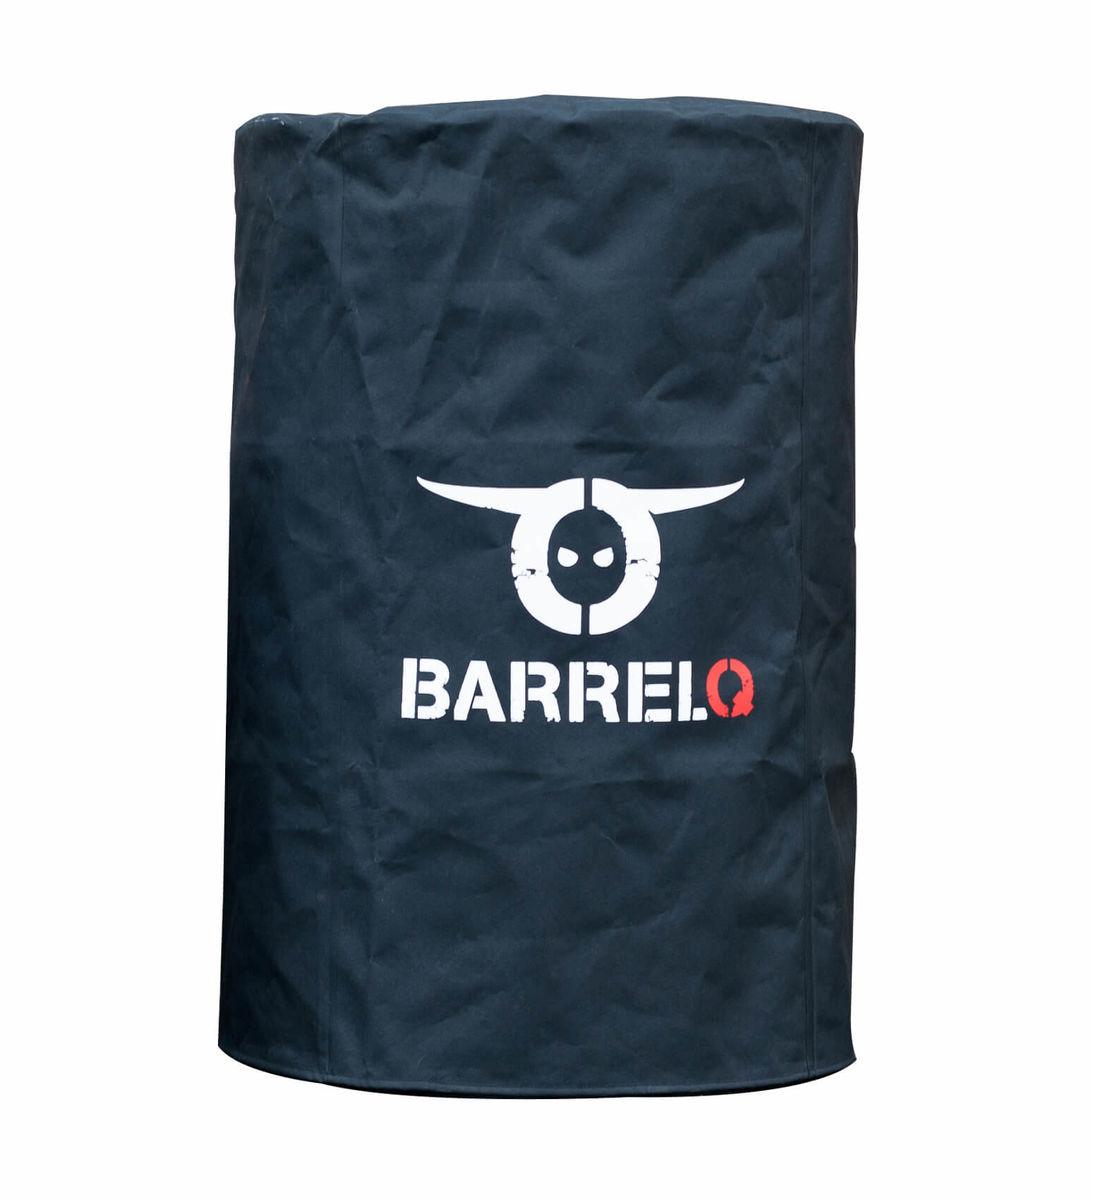 Image of BarrelQ Big Abdeckhaube Grill Zubehör